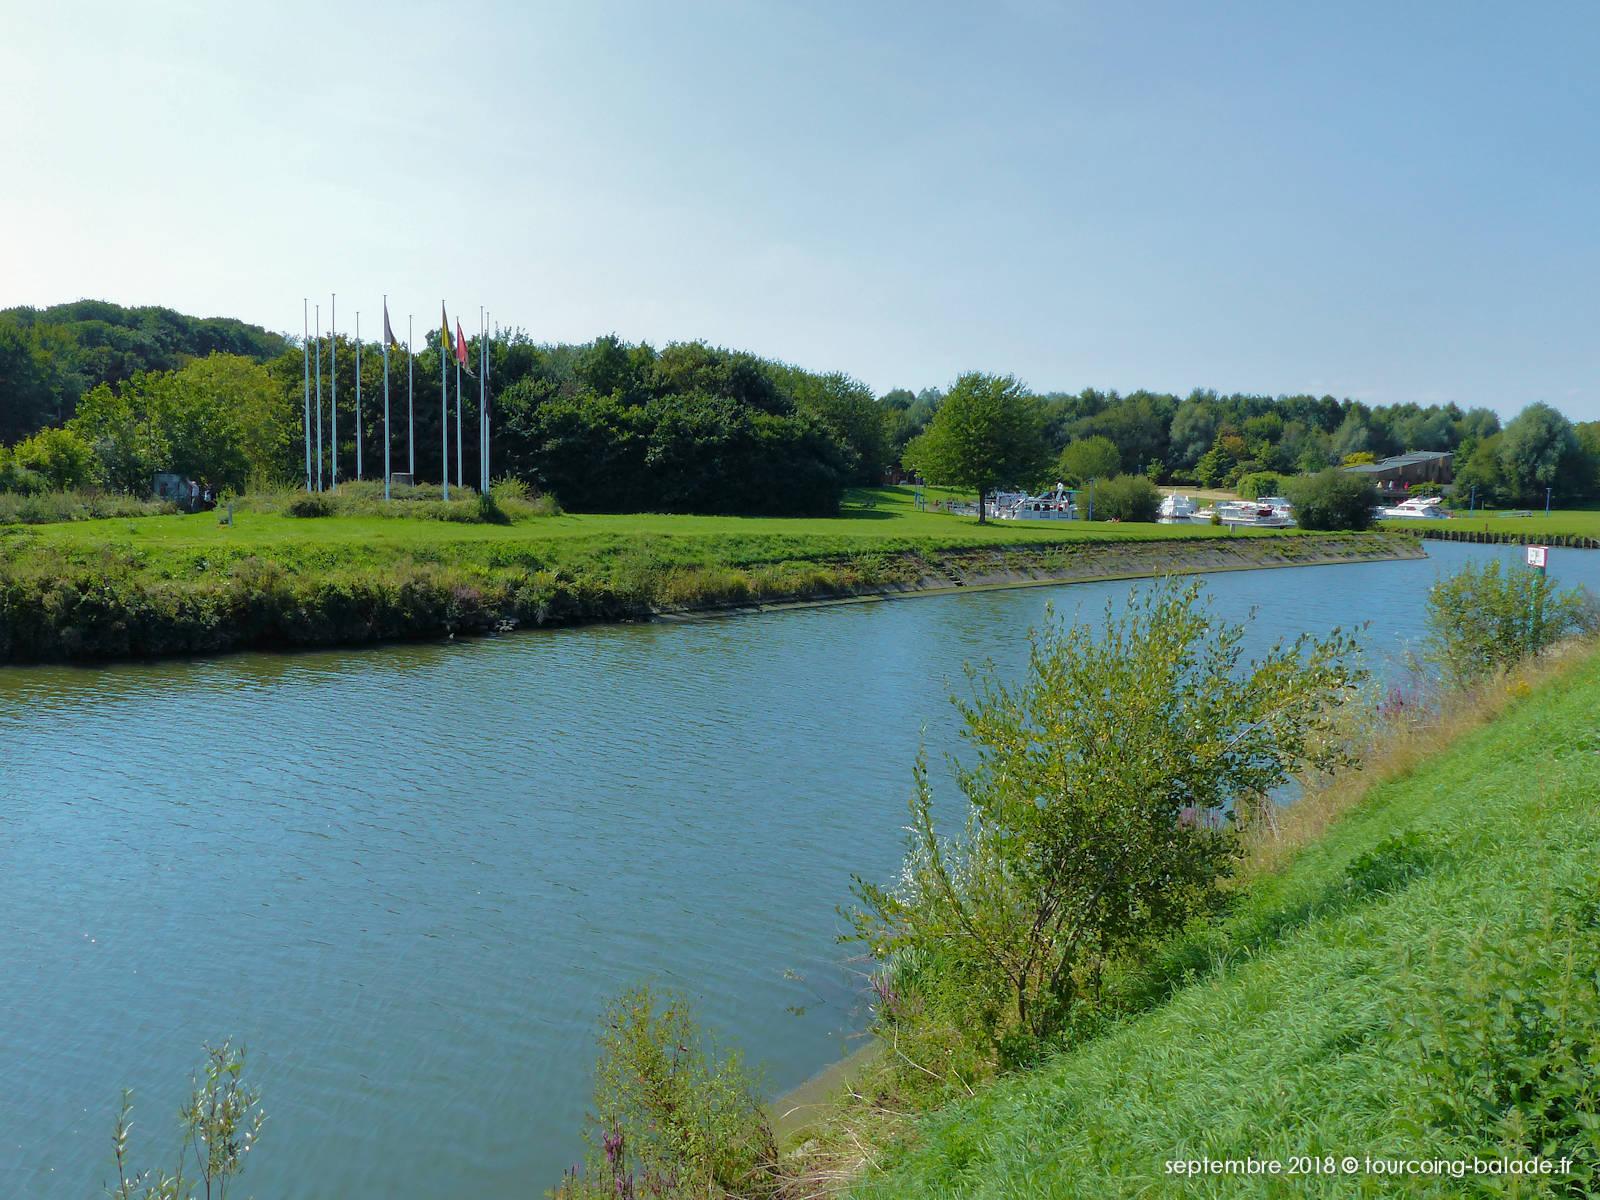 Rivière de la Lys et Port d'Halluin-Menin